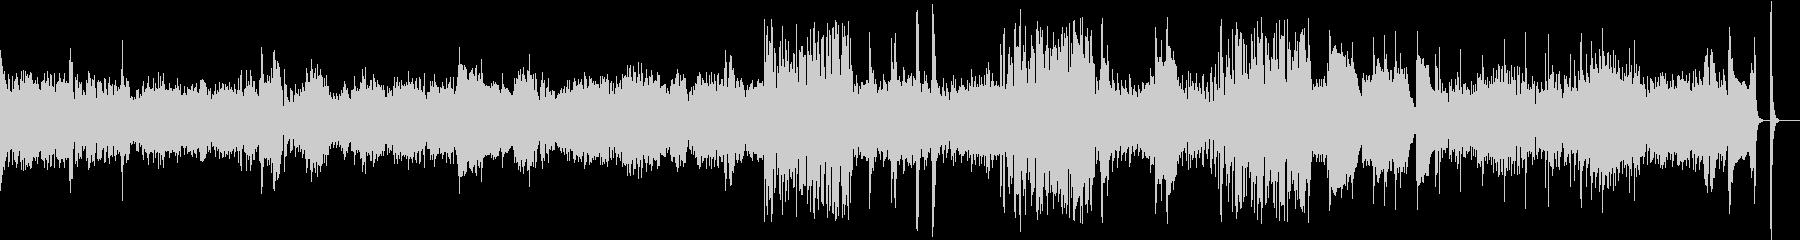 切ないピアノの旋律からのジャズアレンジの未再生の波形